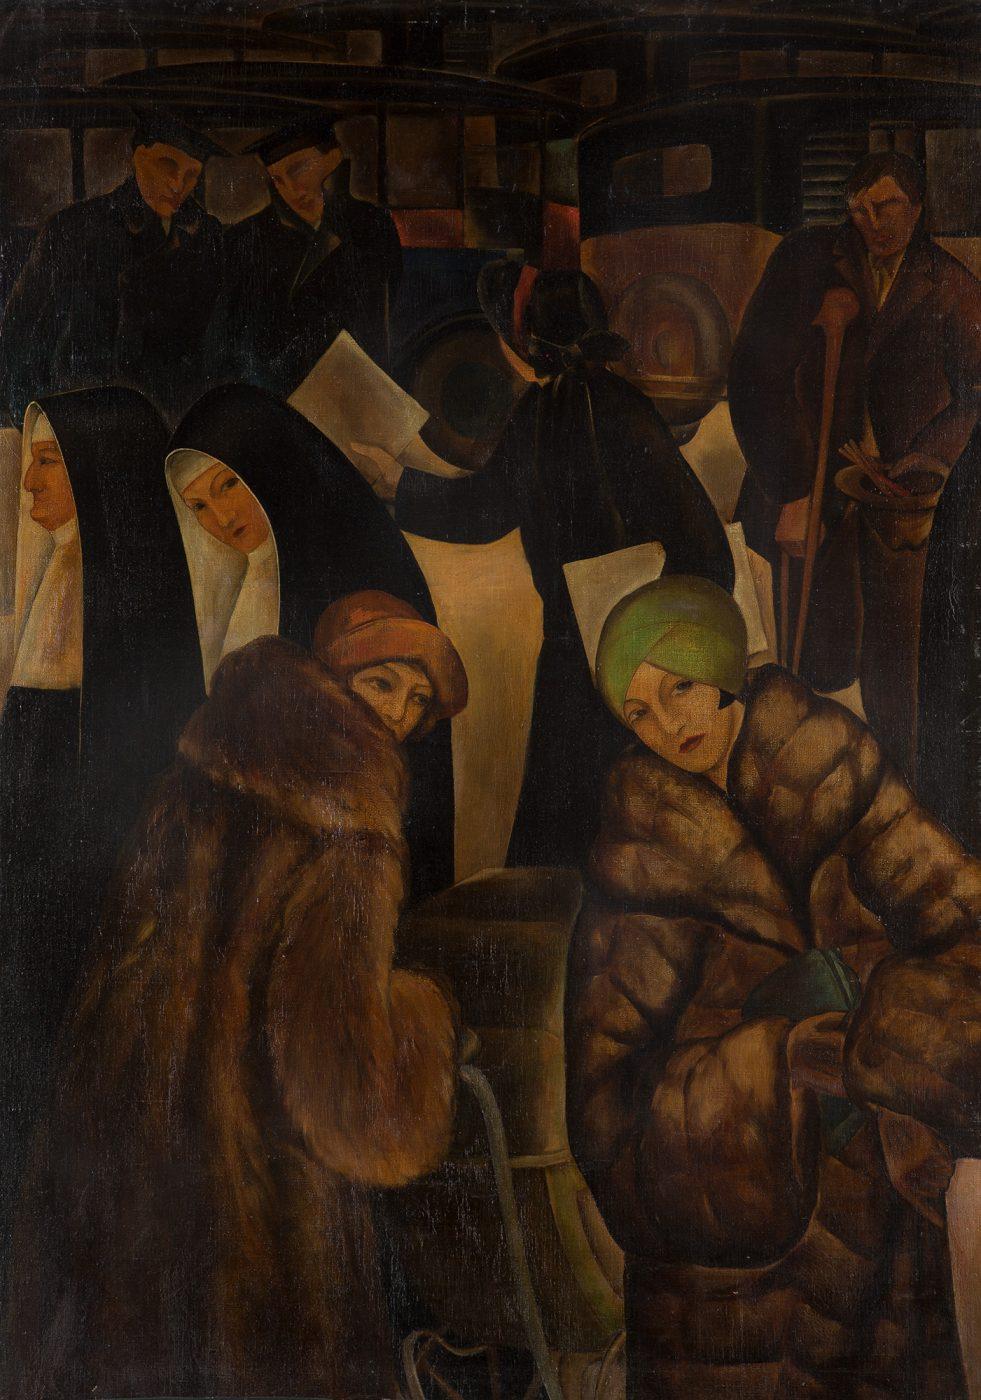 石垣栄太郎《街》1925年 和歌山県立近代美術館蔵